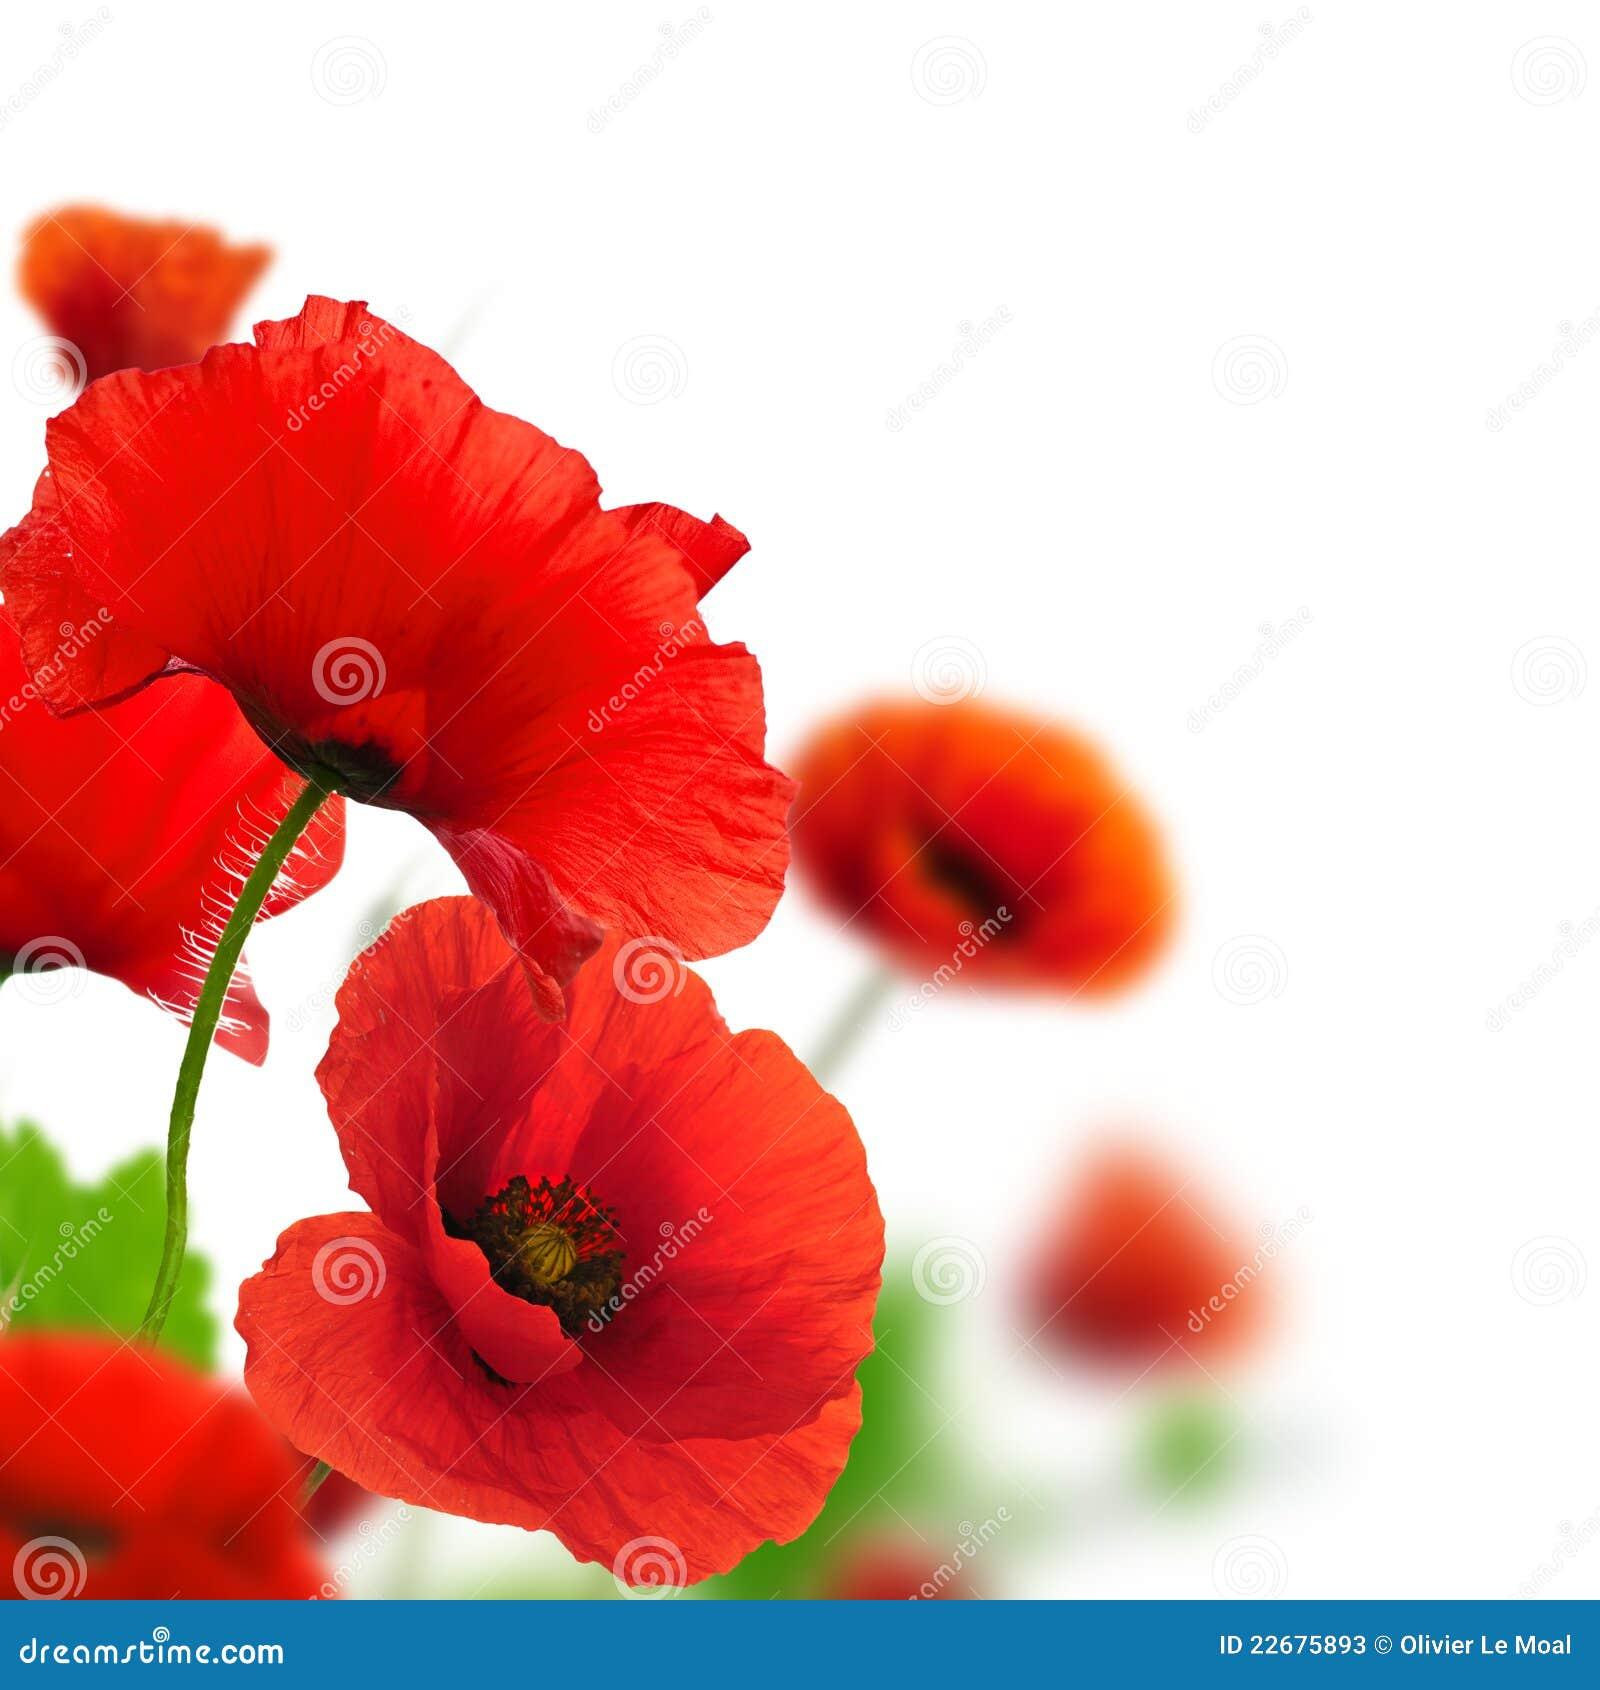 jardim rosas vermelhas:Jardim Das Flores – Papoilas Vermelhas Fotos de Stock – Imagem